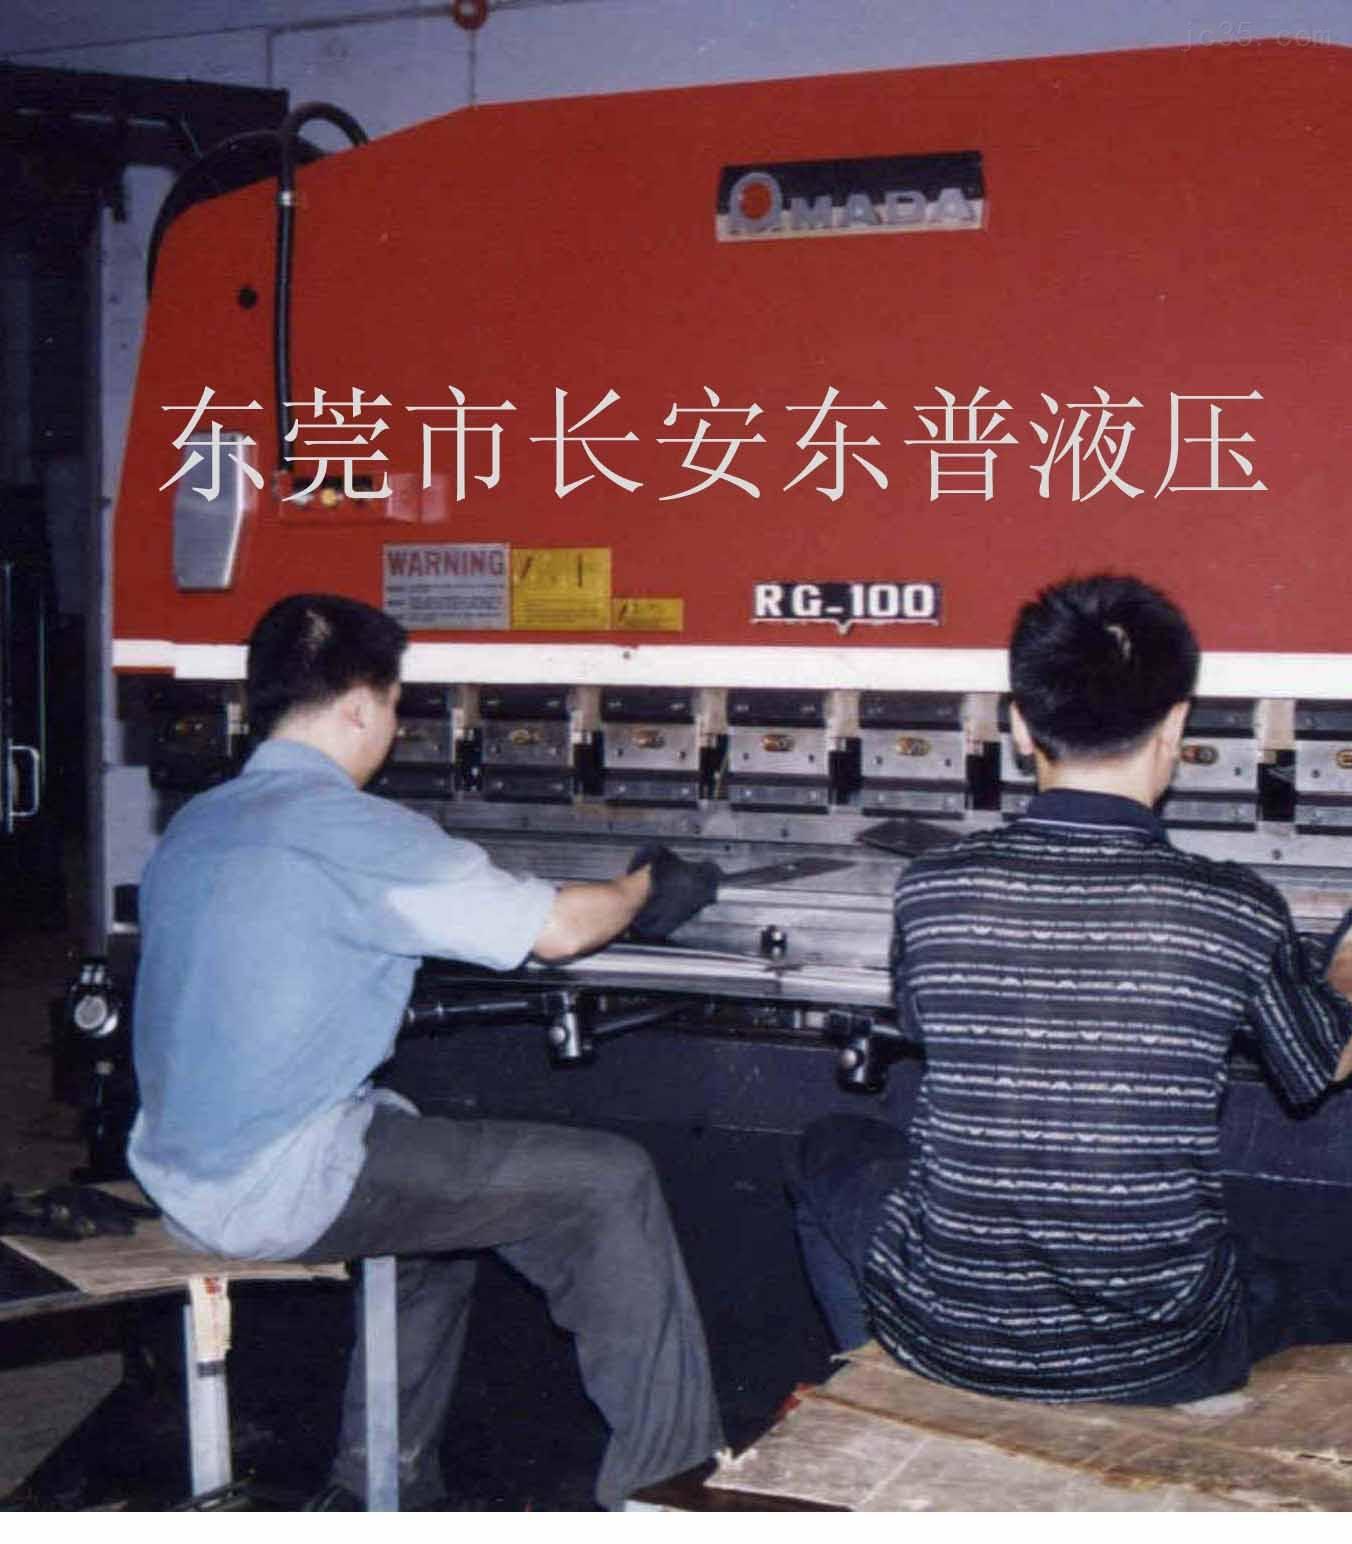 专业维修长安剪板机,厚街折弯机,常平注塑机,各类油压,液压机